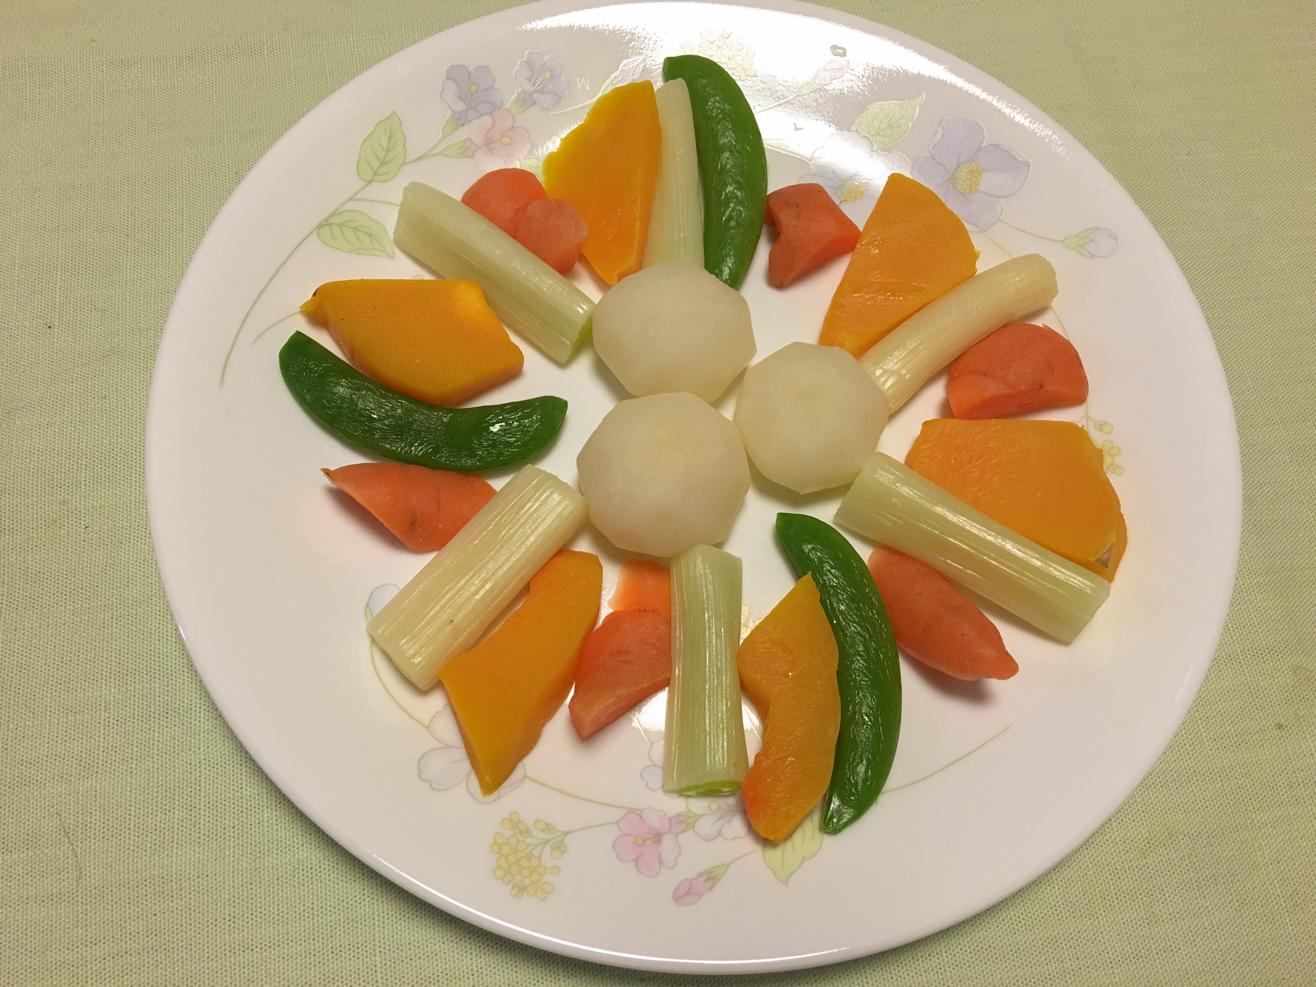 レンチン野菜を皿に盛りつけた写真